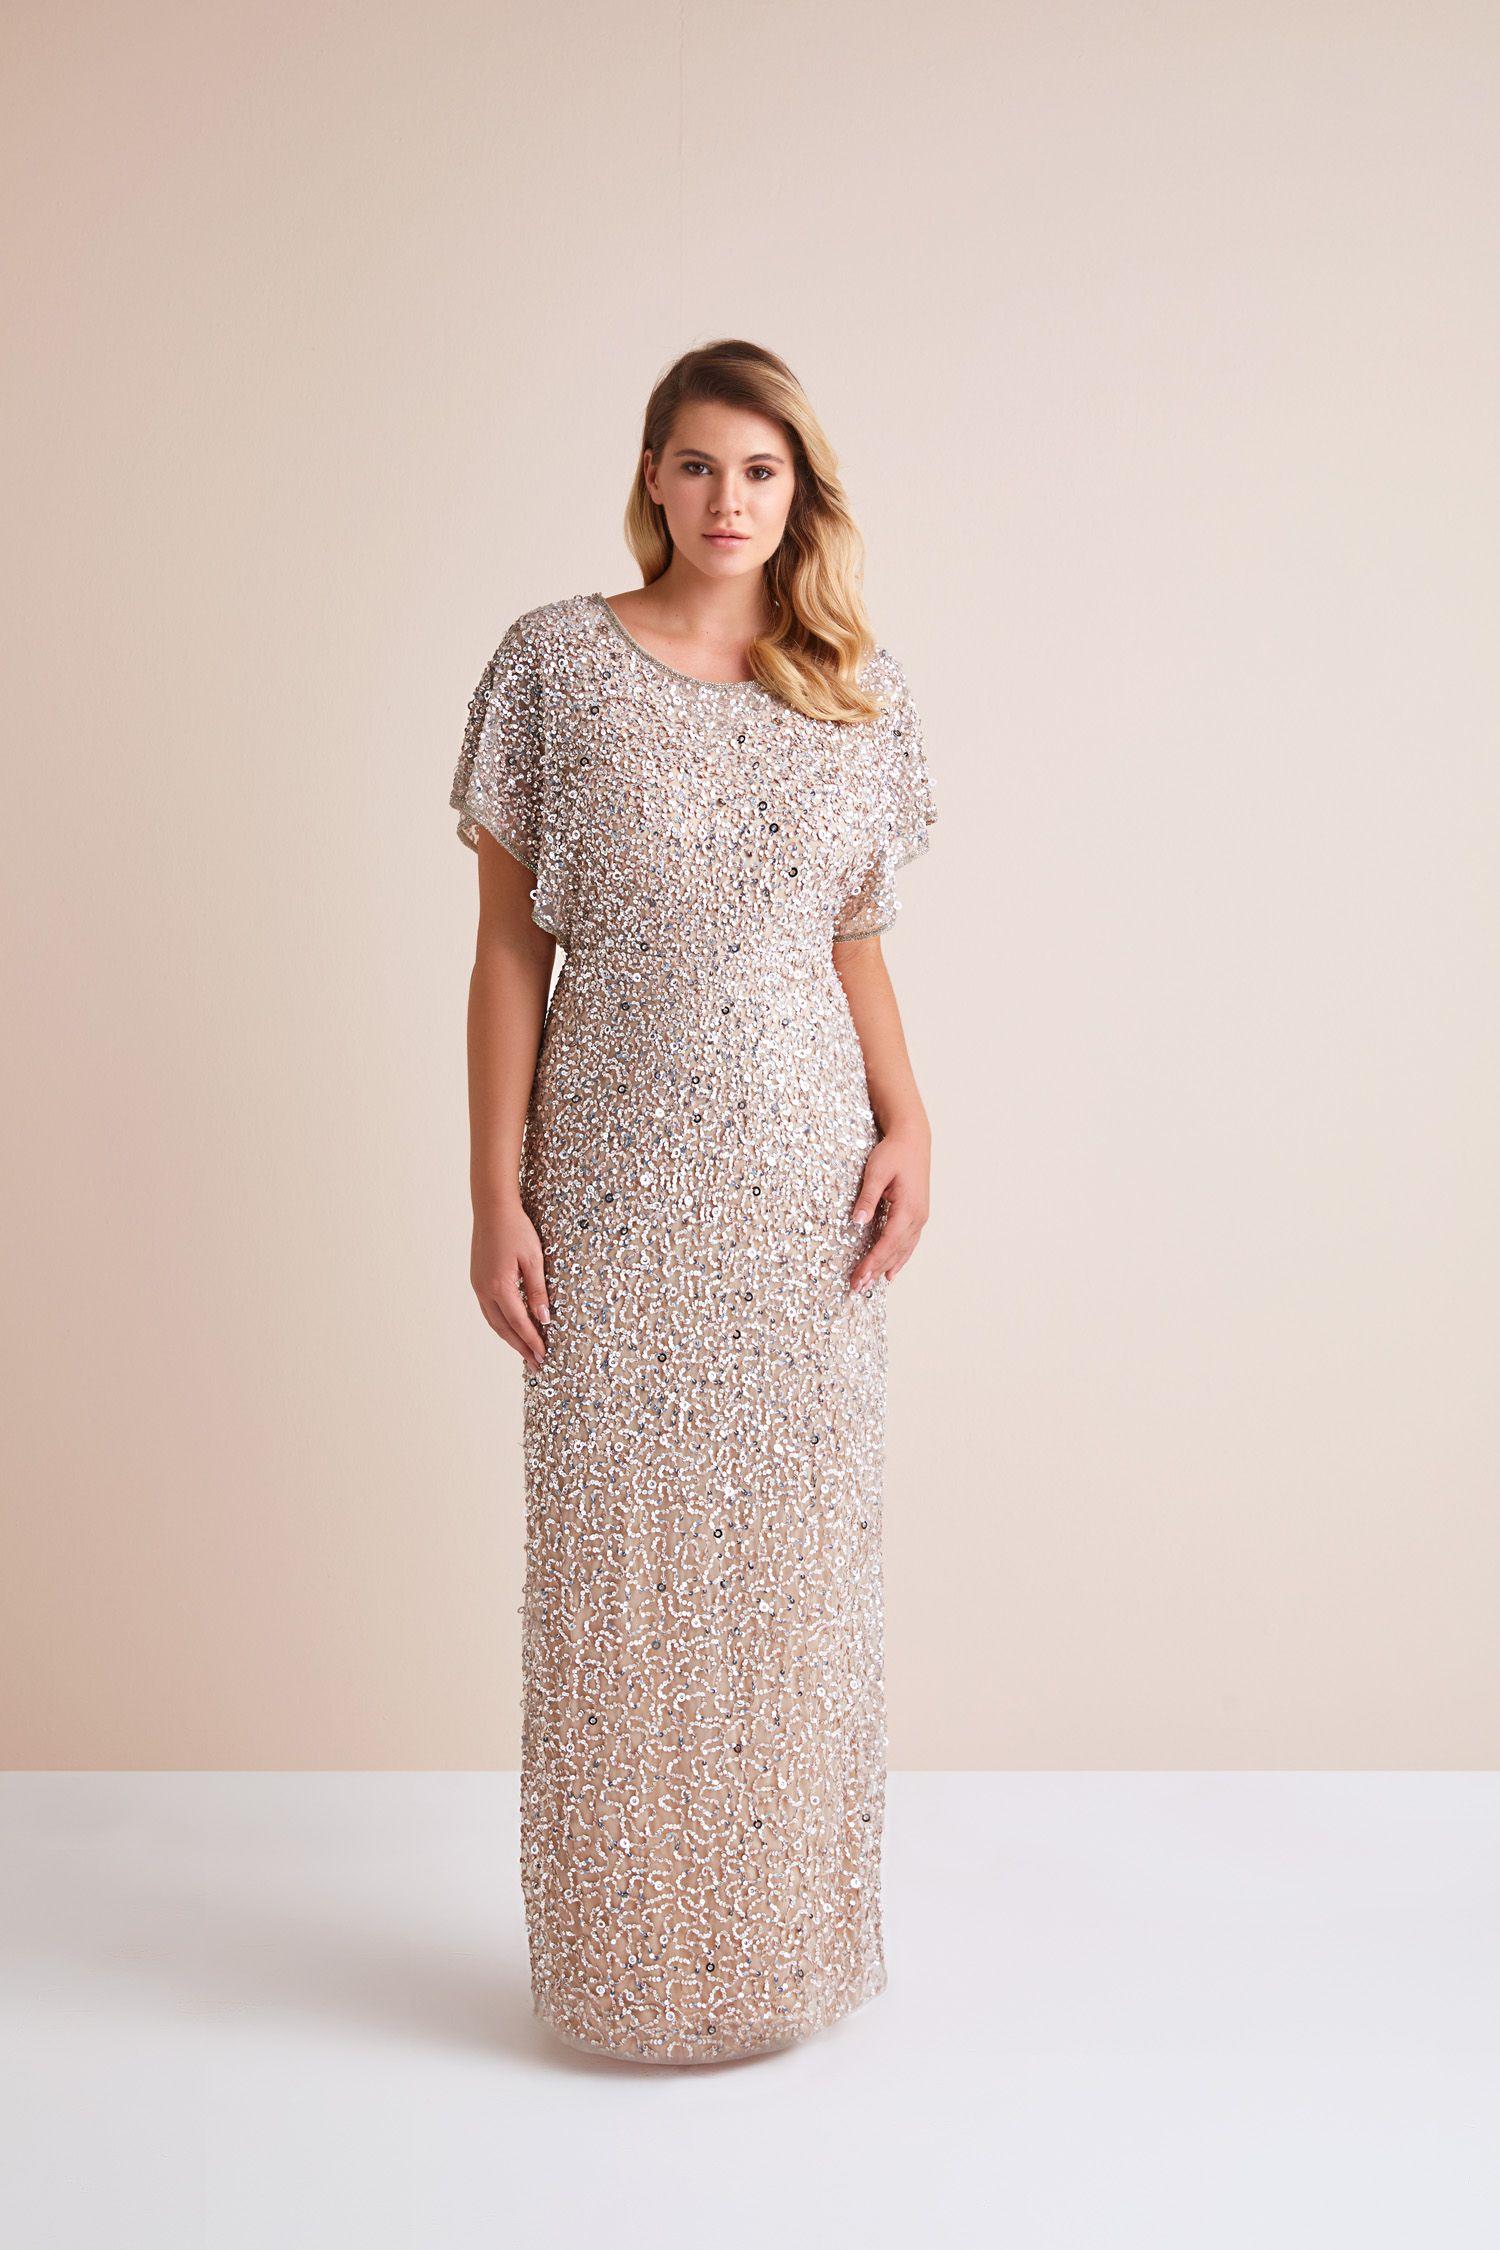 10490f7faa1a2 Gümüş Rengi Kısa Kollu Payetli Uzun Abiye Elbise. En şık Büyük Beden Abiye  modellerini Oleg